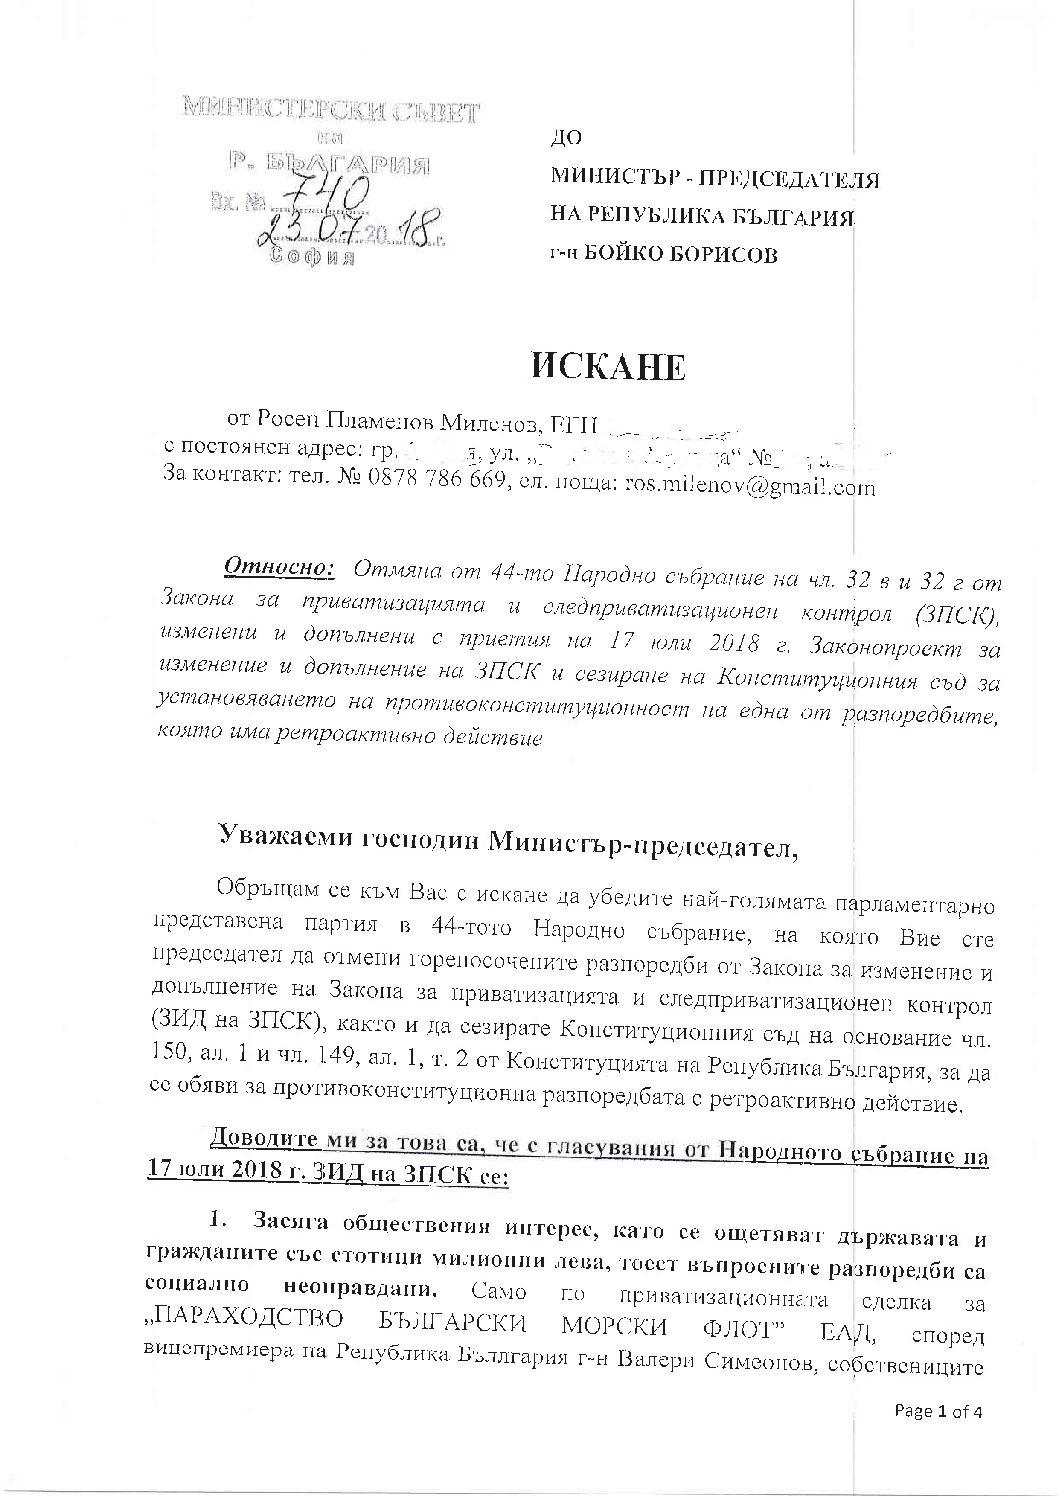 Искане до Министър – председателя на Република България